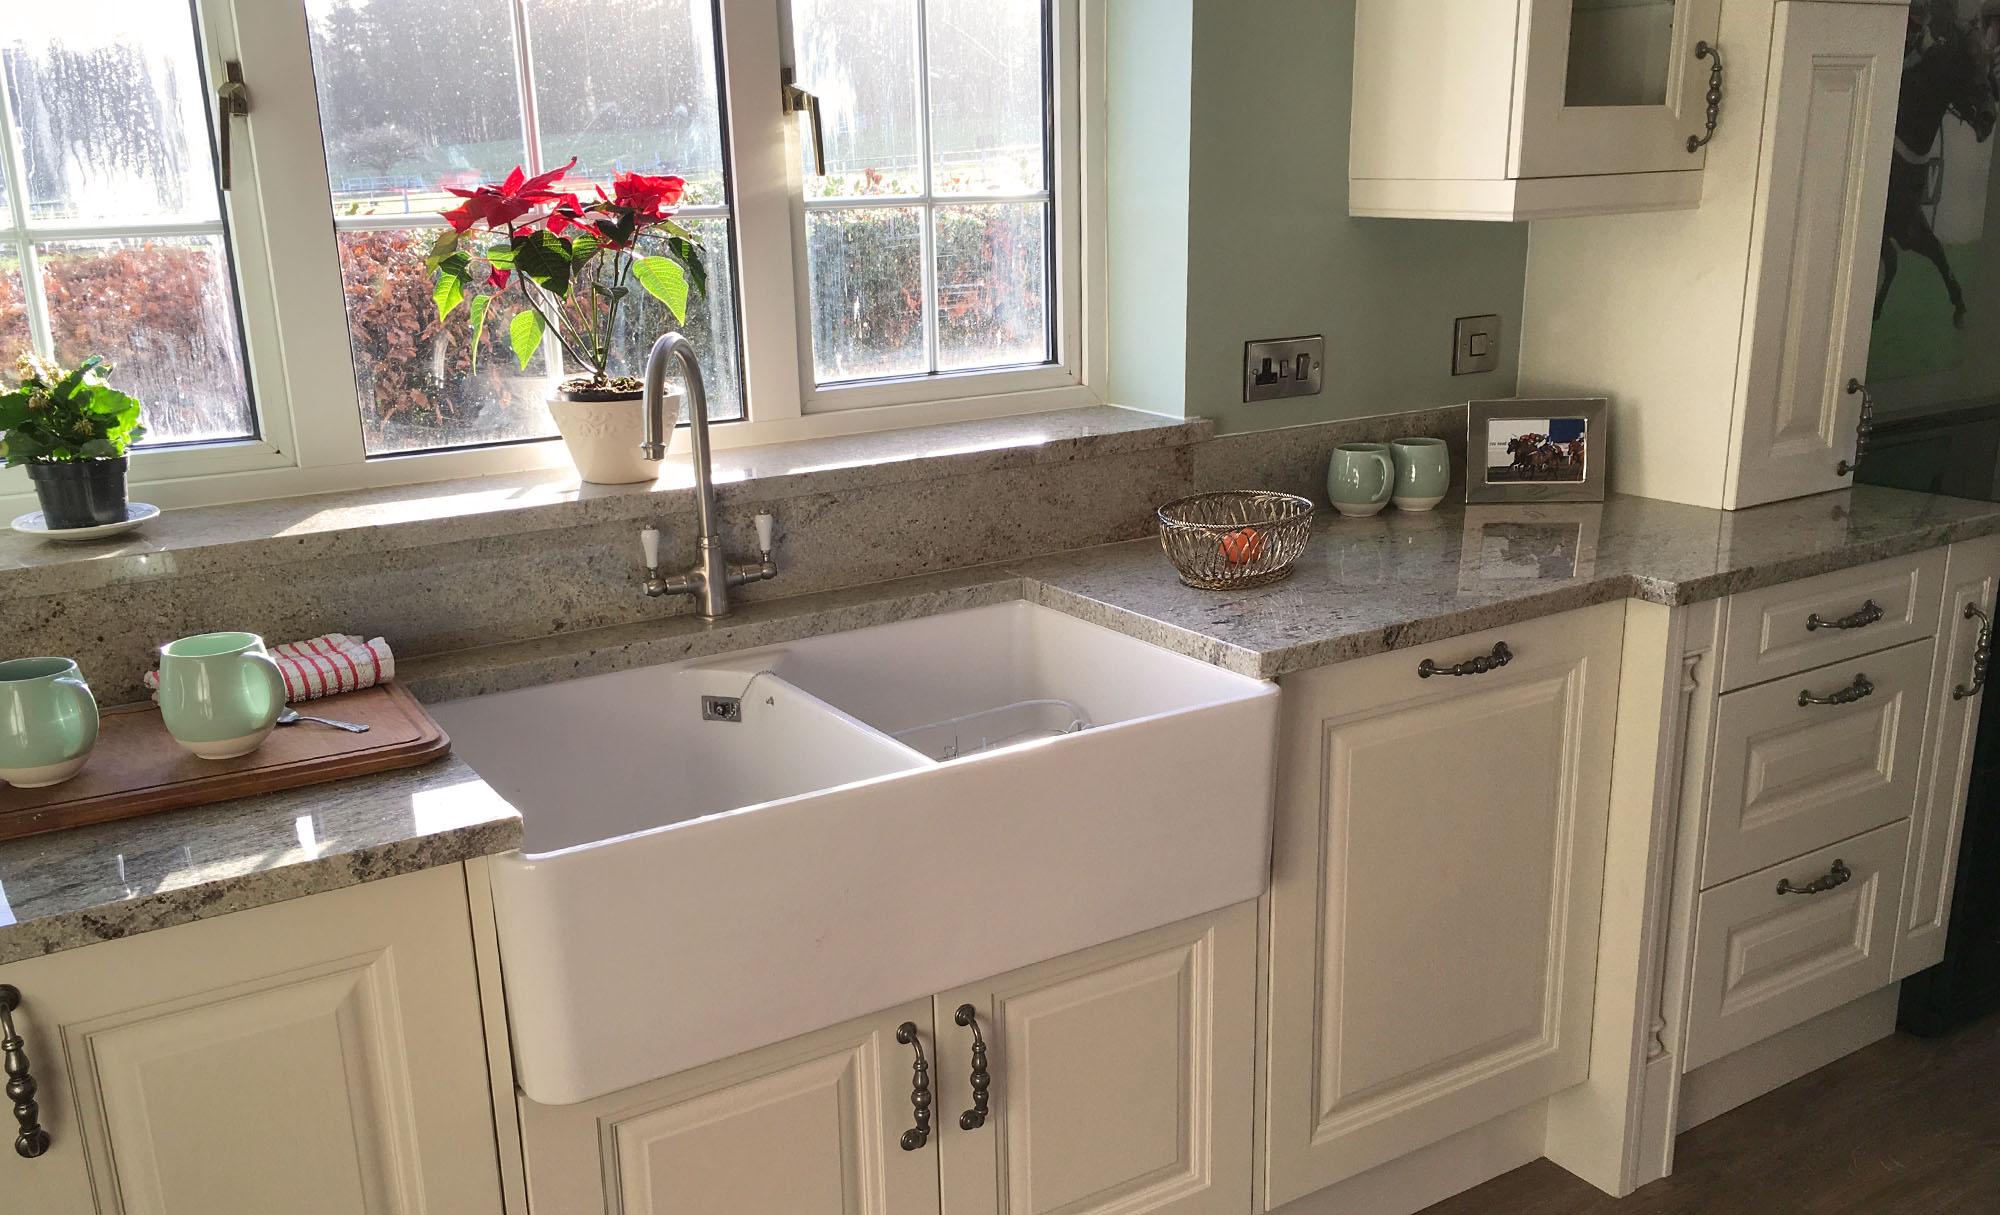 jefferson-ivory-kitchen-counter-sink